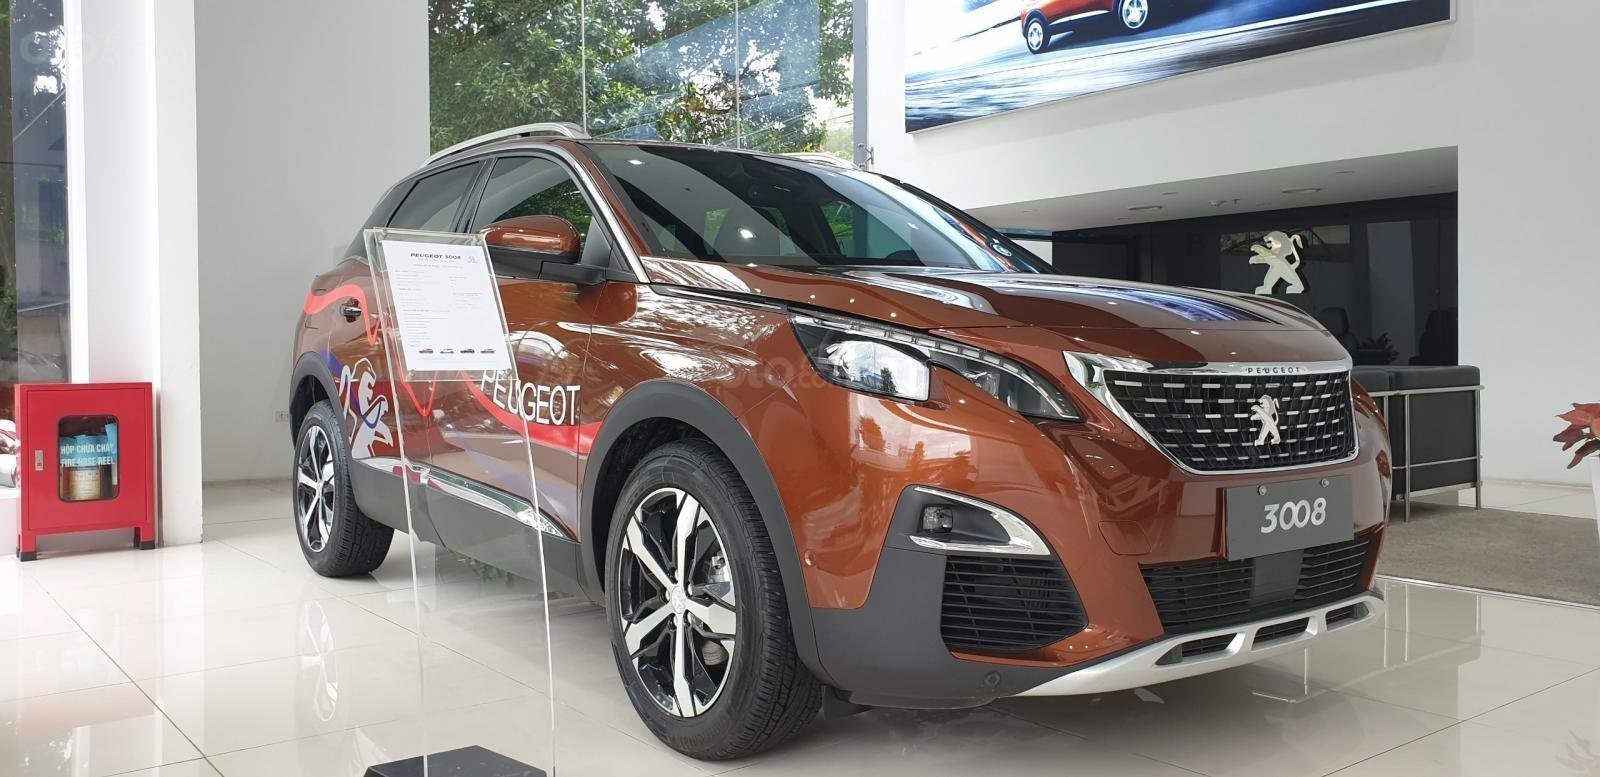 Peugeot Thanh Xuân - Peugeot 3008 AN giá tốt nhất thị trường + bảo hành chính hãng lên tới 5 năm (3)